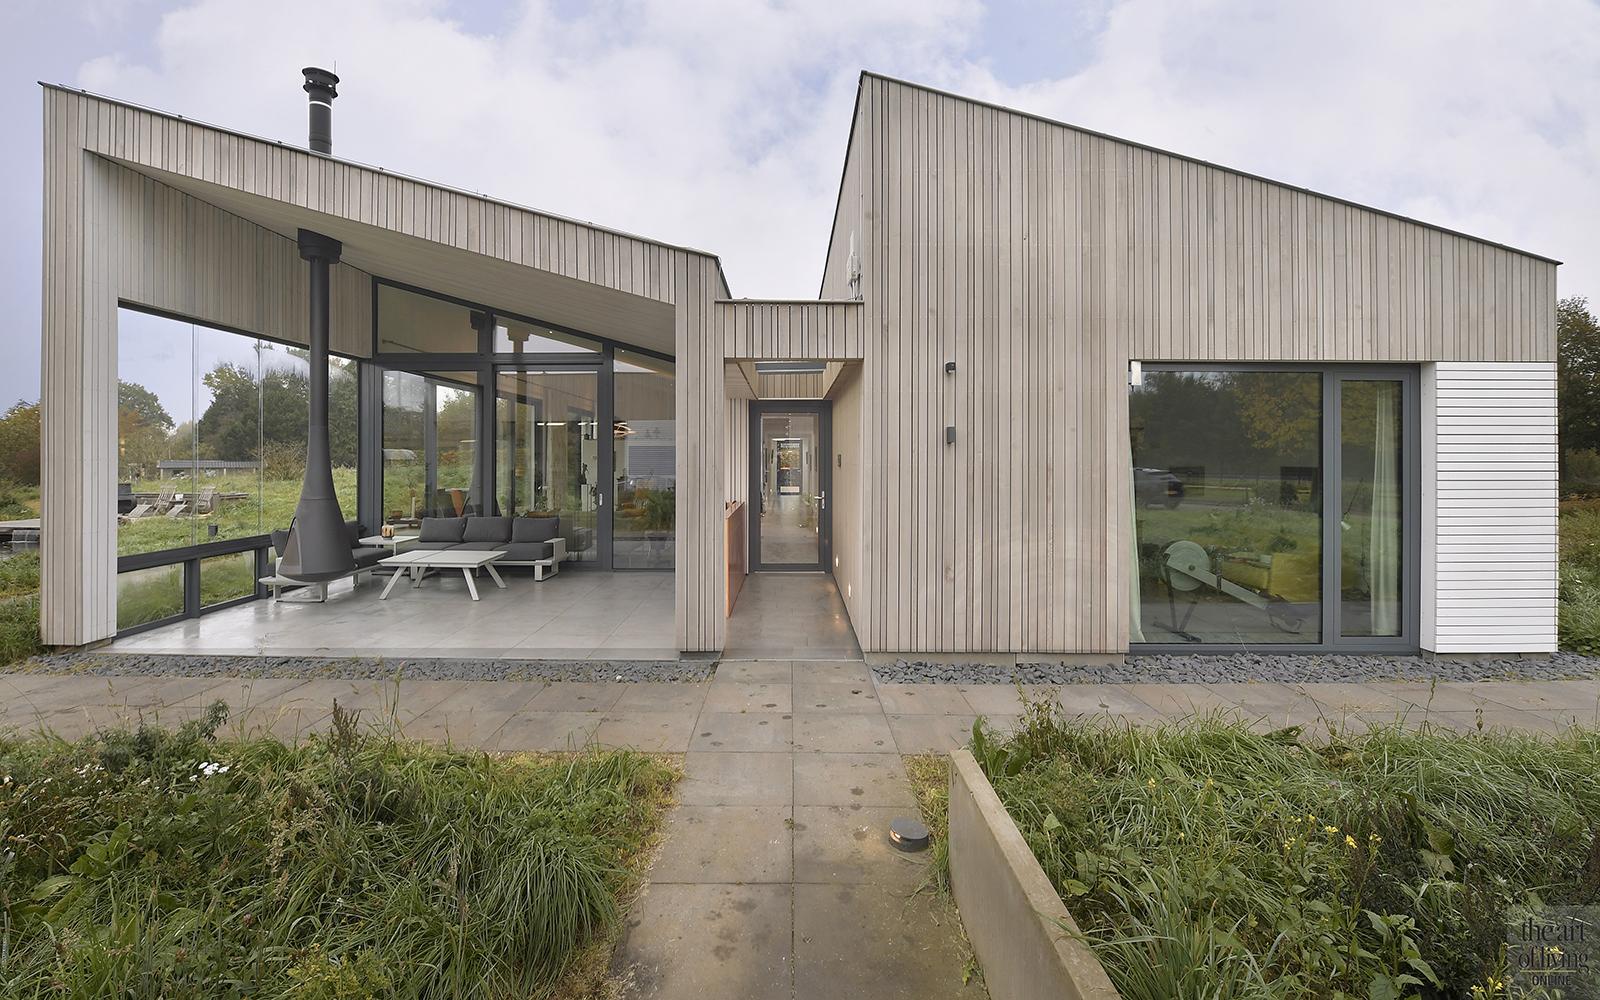 Luxe villa aan bosrand, Richard Brok, SILVERwonen, natuur, bosrijke omgeving, gelijkvloers, moderne woning